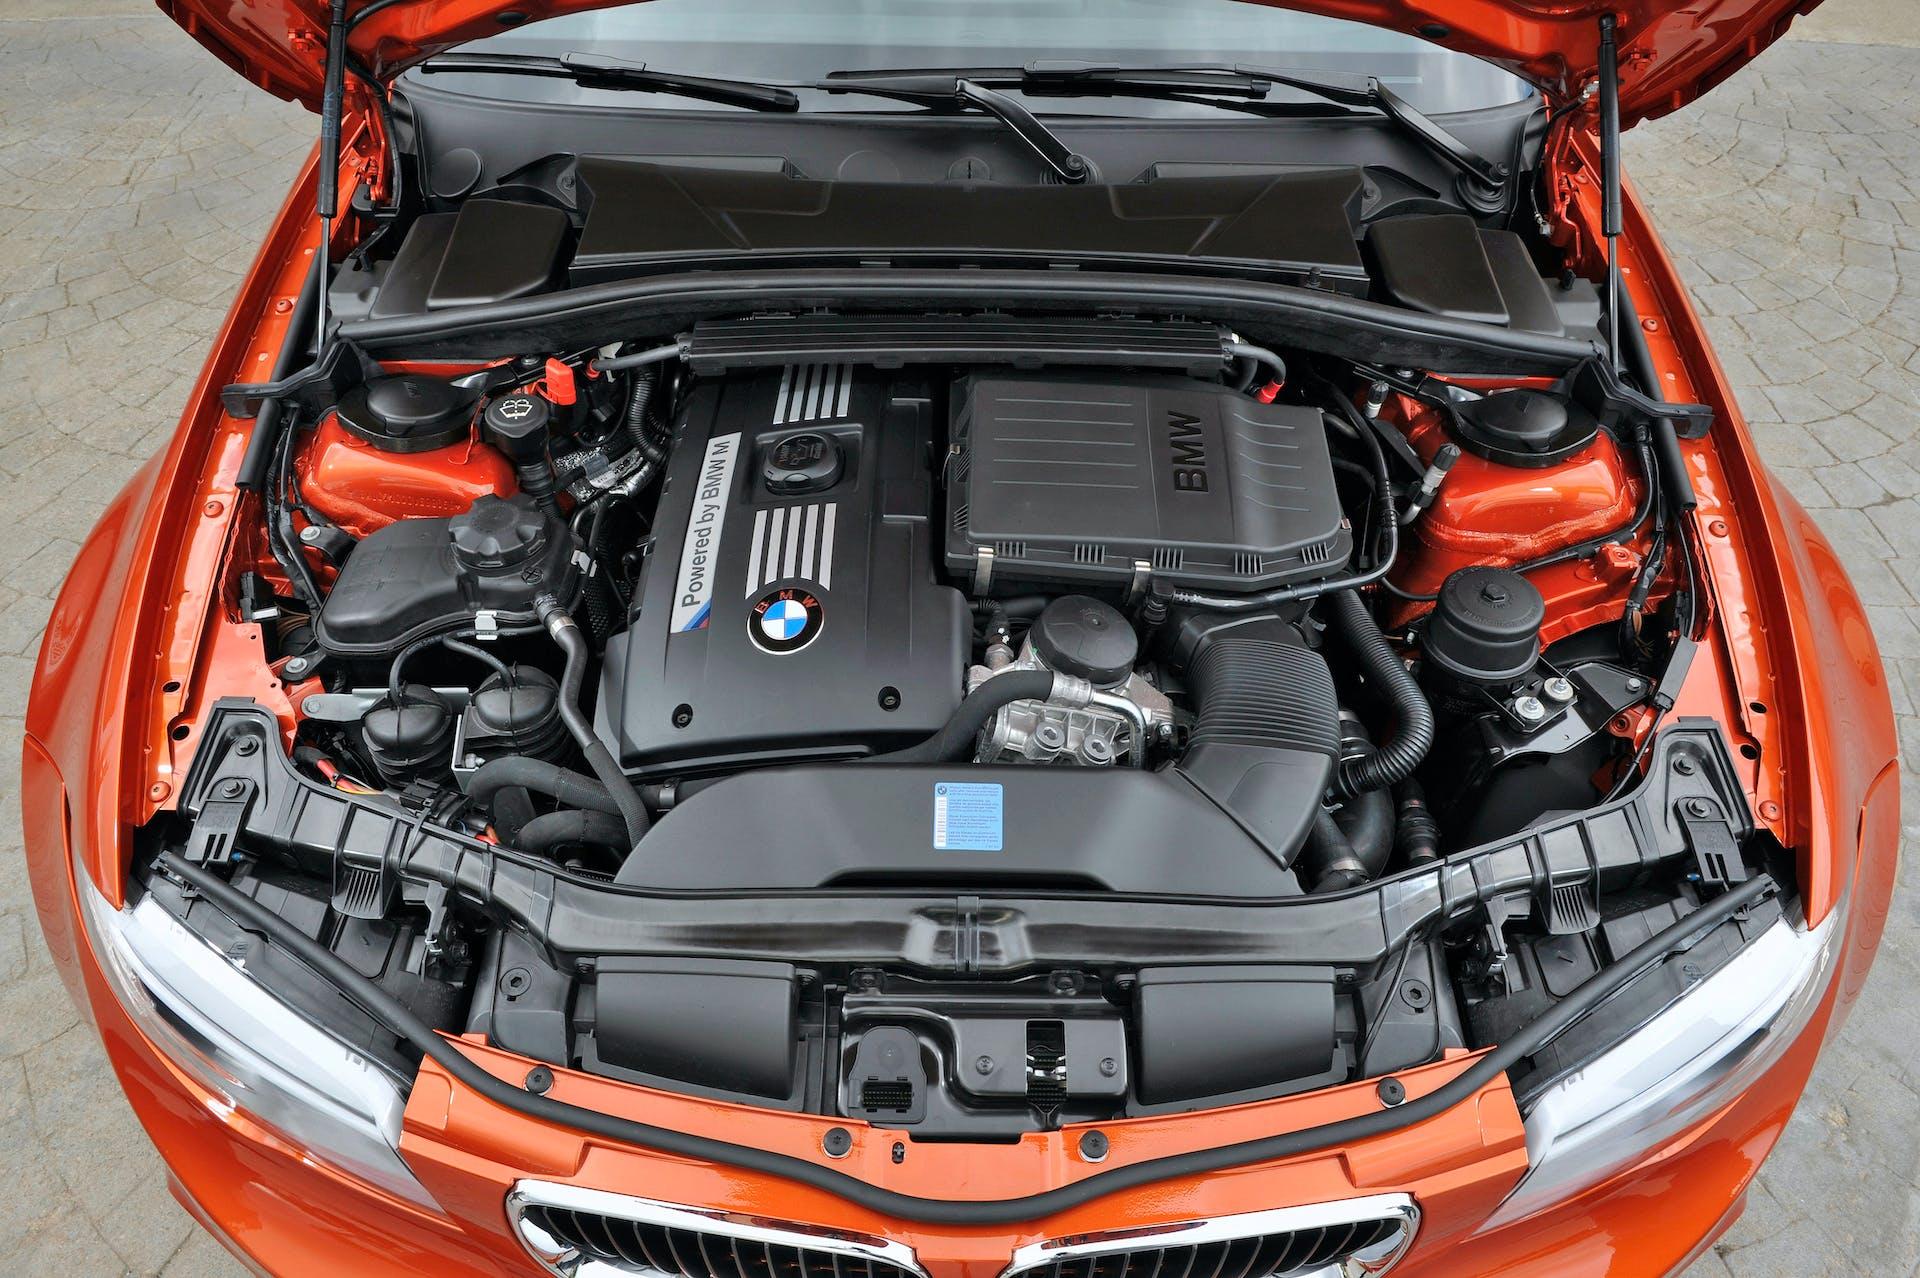 BMW Serie 1 M coupé motore